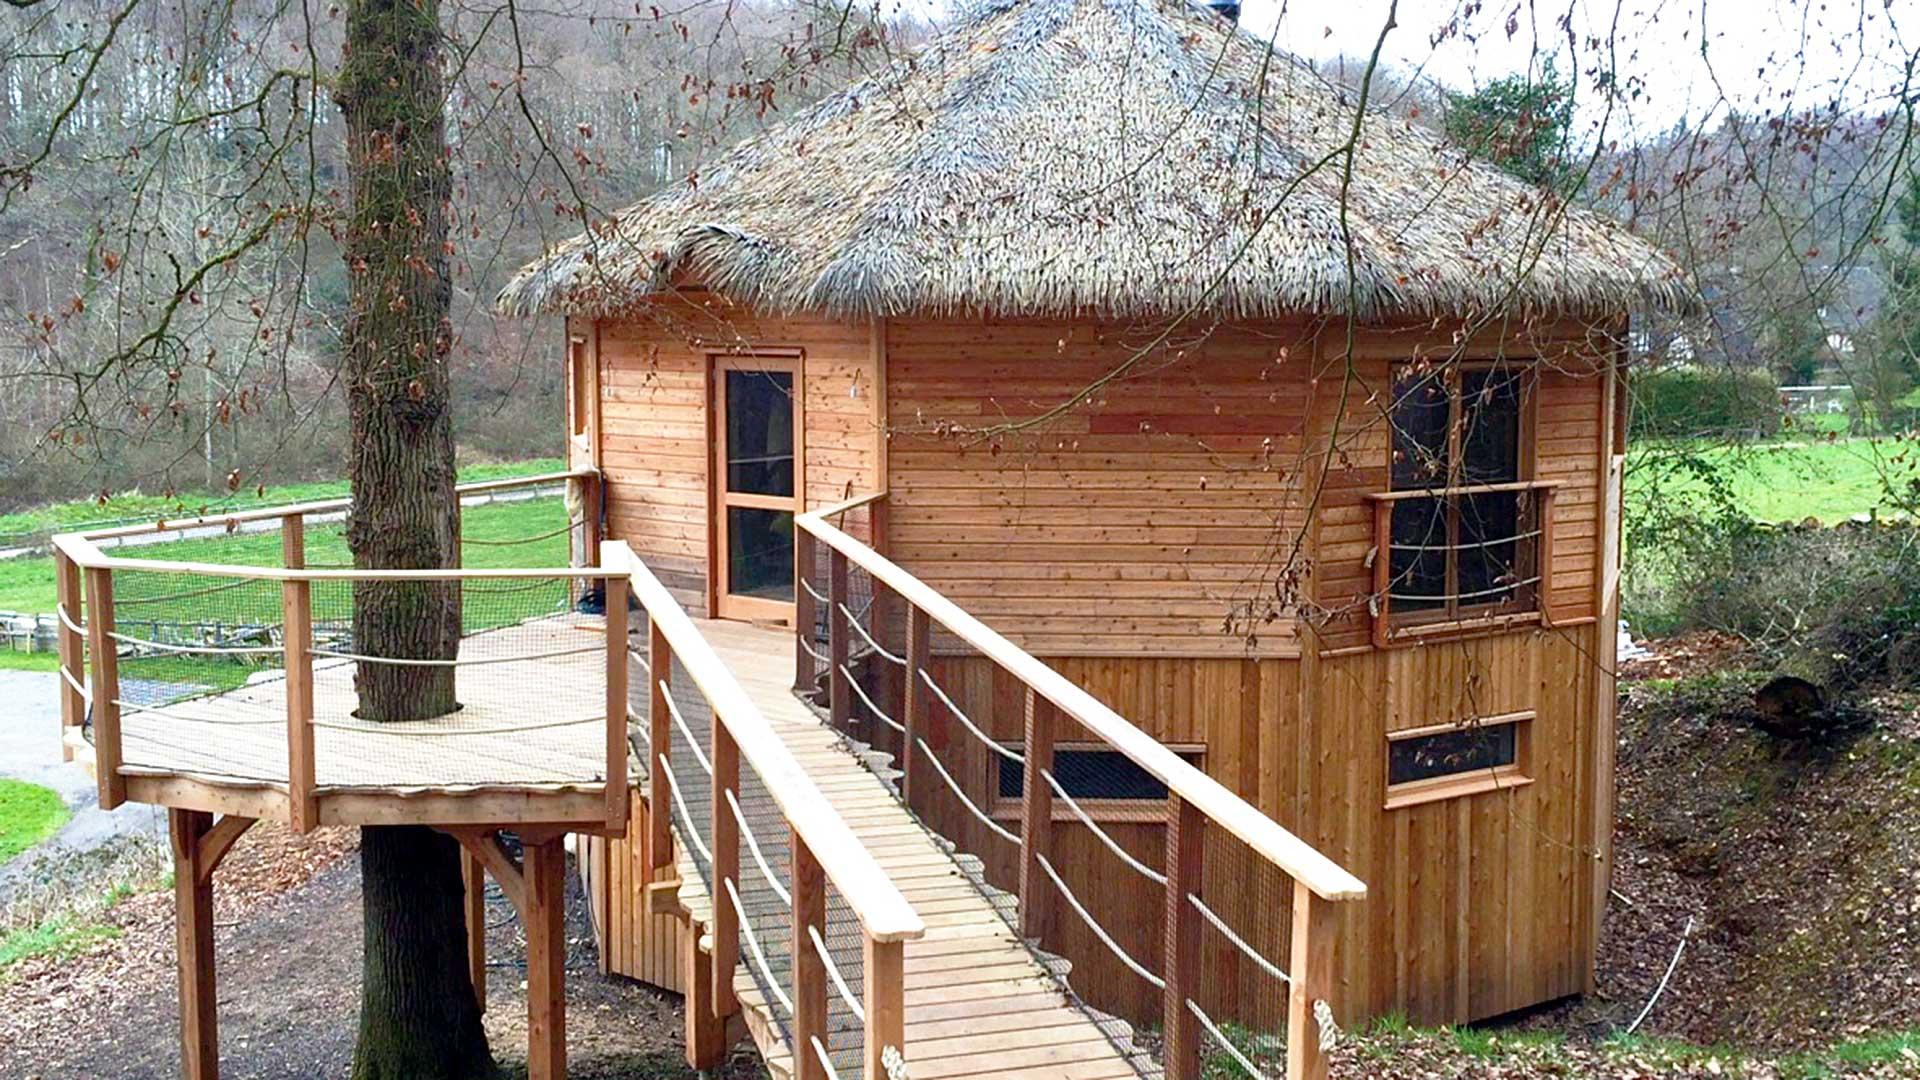 Maison En Bois Normandie maison en bois en normandie - aviso